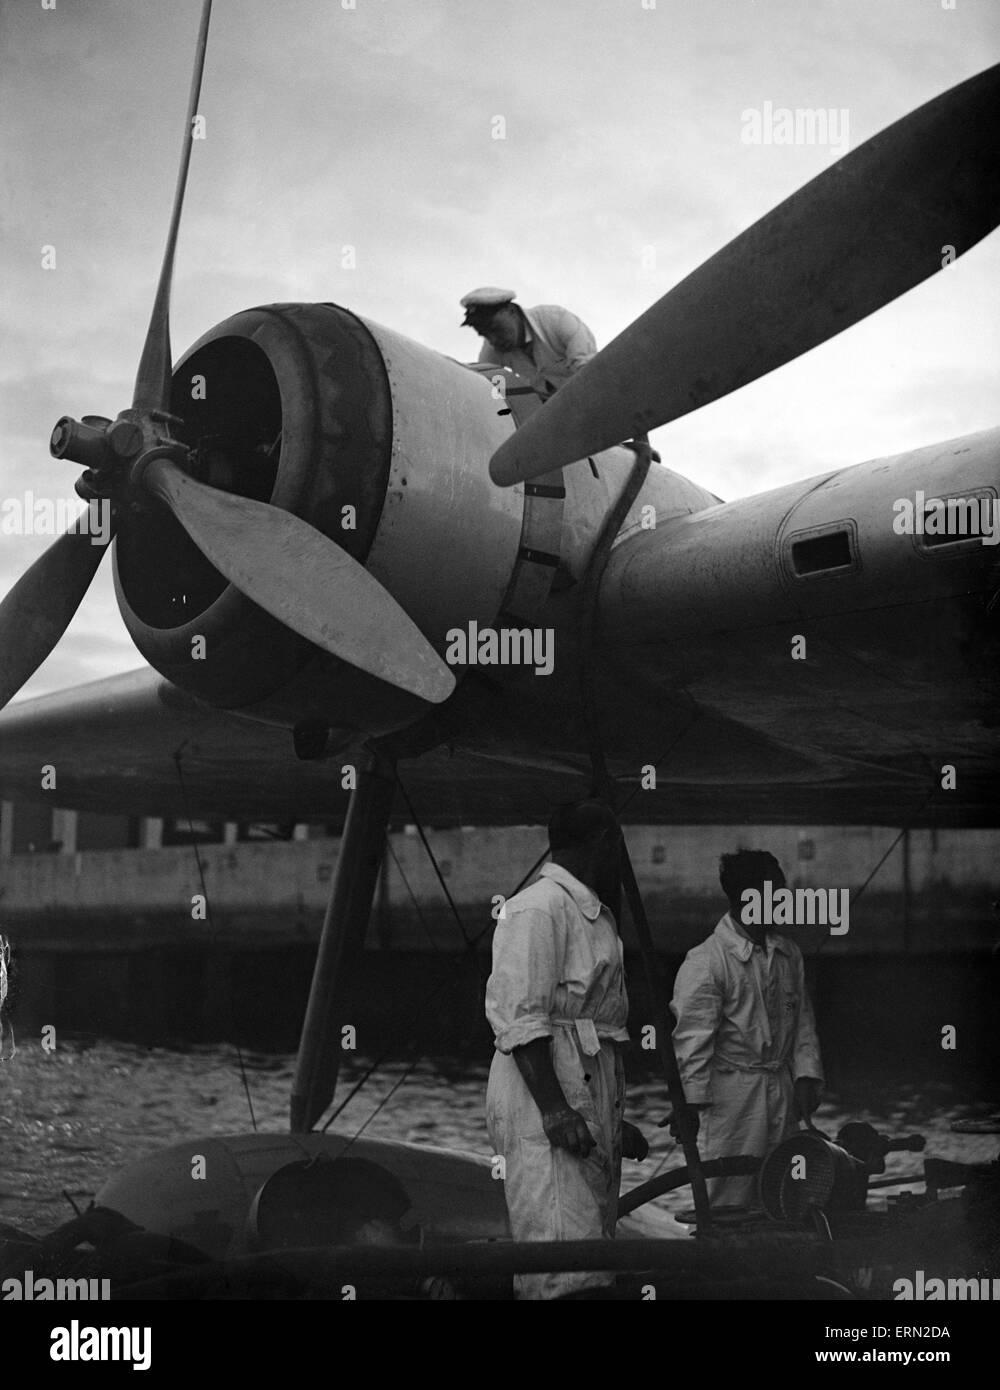 La serie di immagini per il Daily Herald includono volo per l'Australia. 26 giugno 1938 Imperial Airways personale Immagini Stock